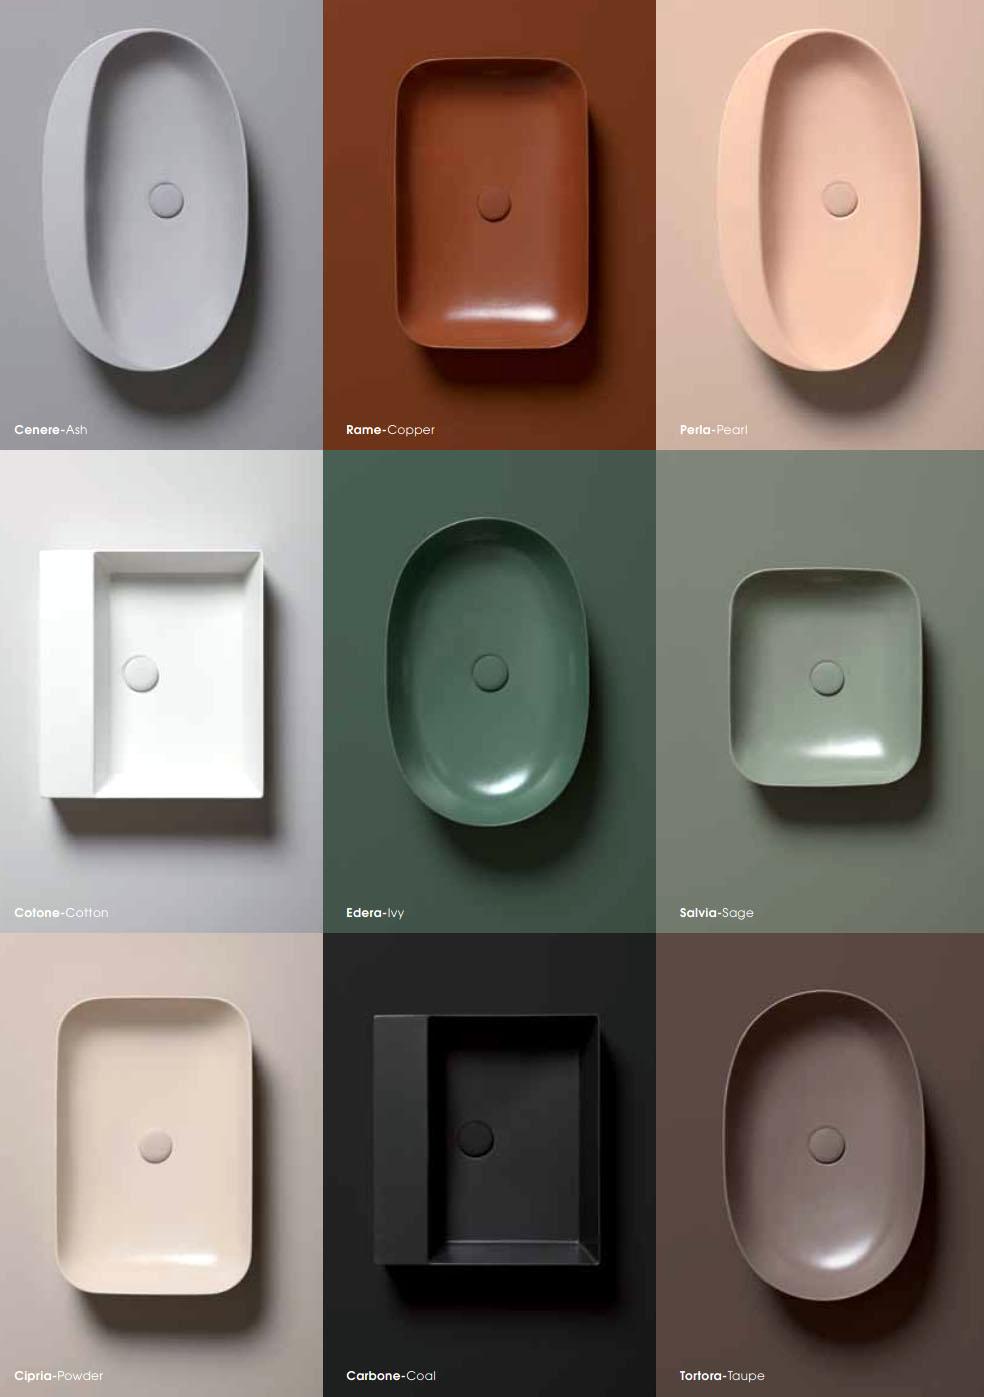 Waschbecken Farbig.Waschbecken Farbig Elegance In 9 Farben Von Azzurraceramica